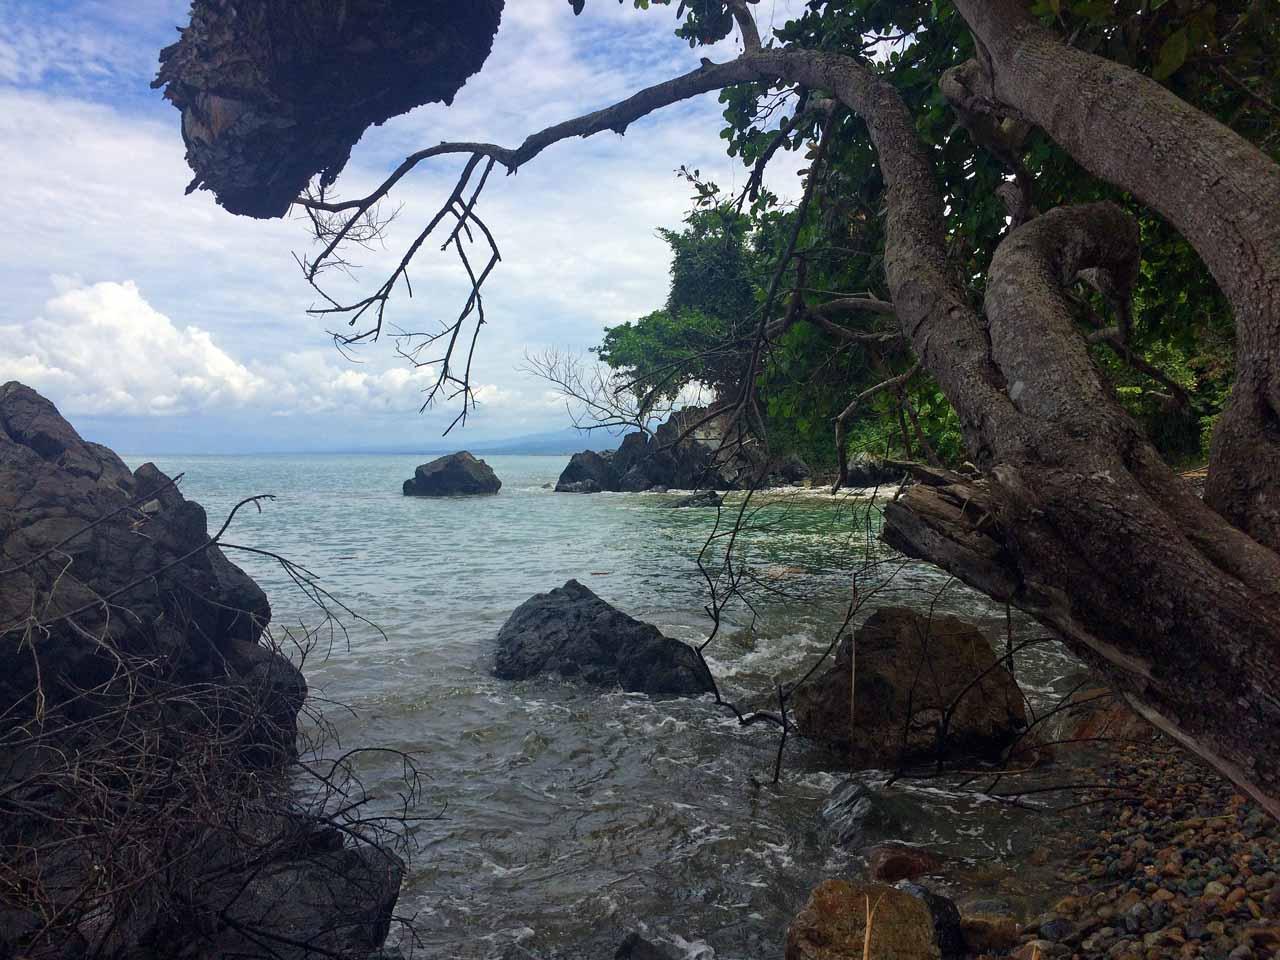 Pantai Karang Bolong Tanggamus - iphone 5s - Yopie Pangkey - 4